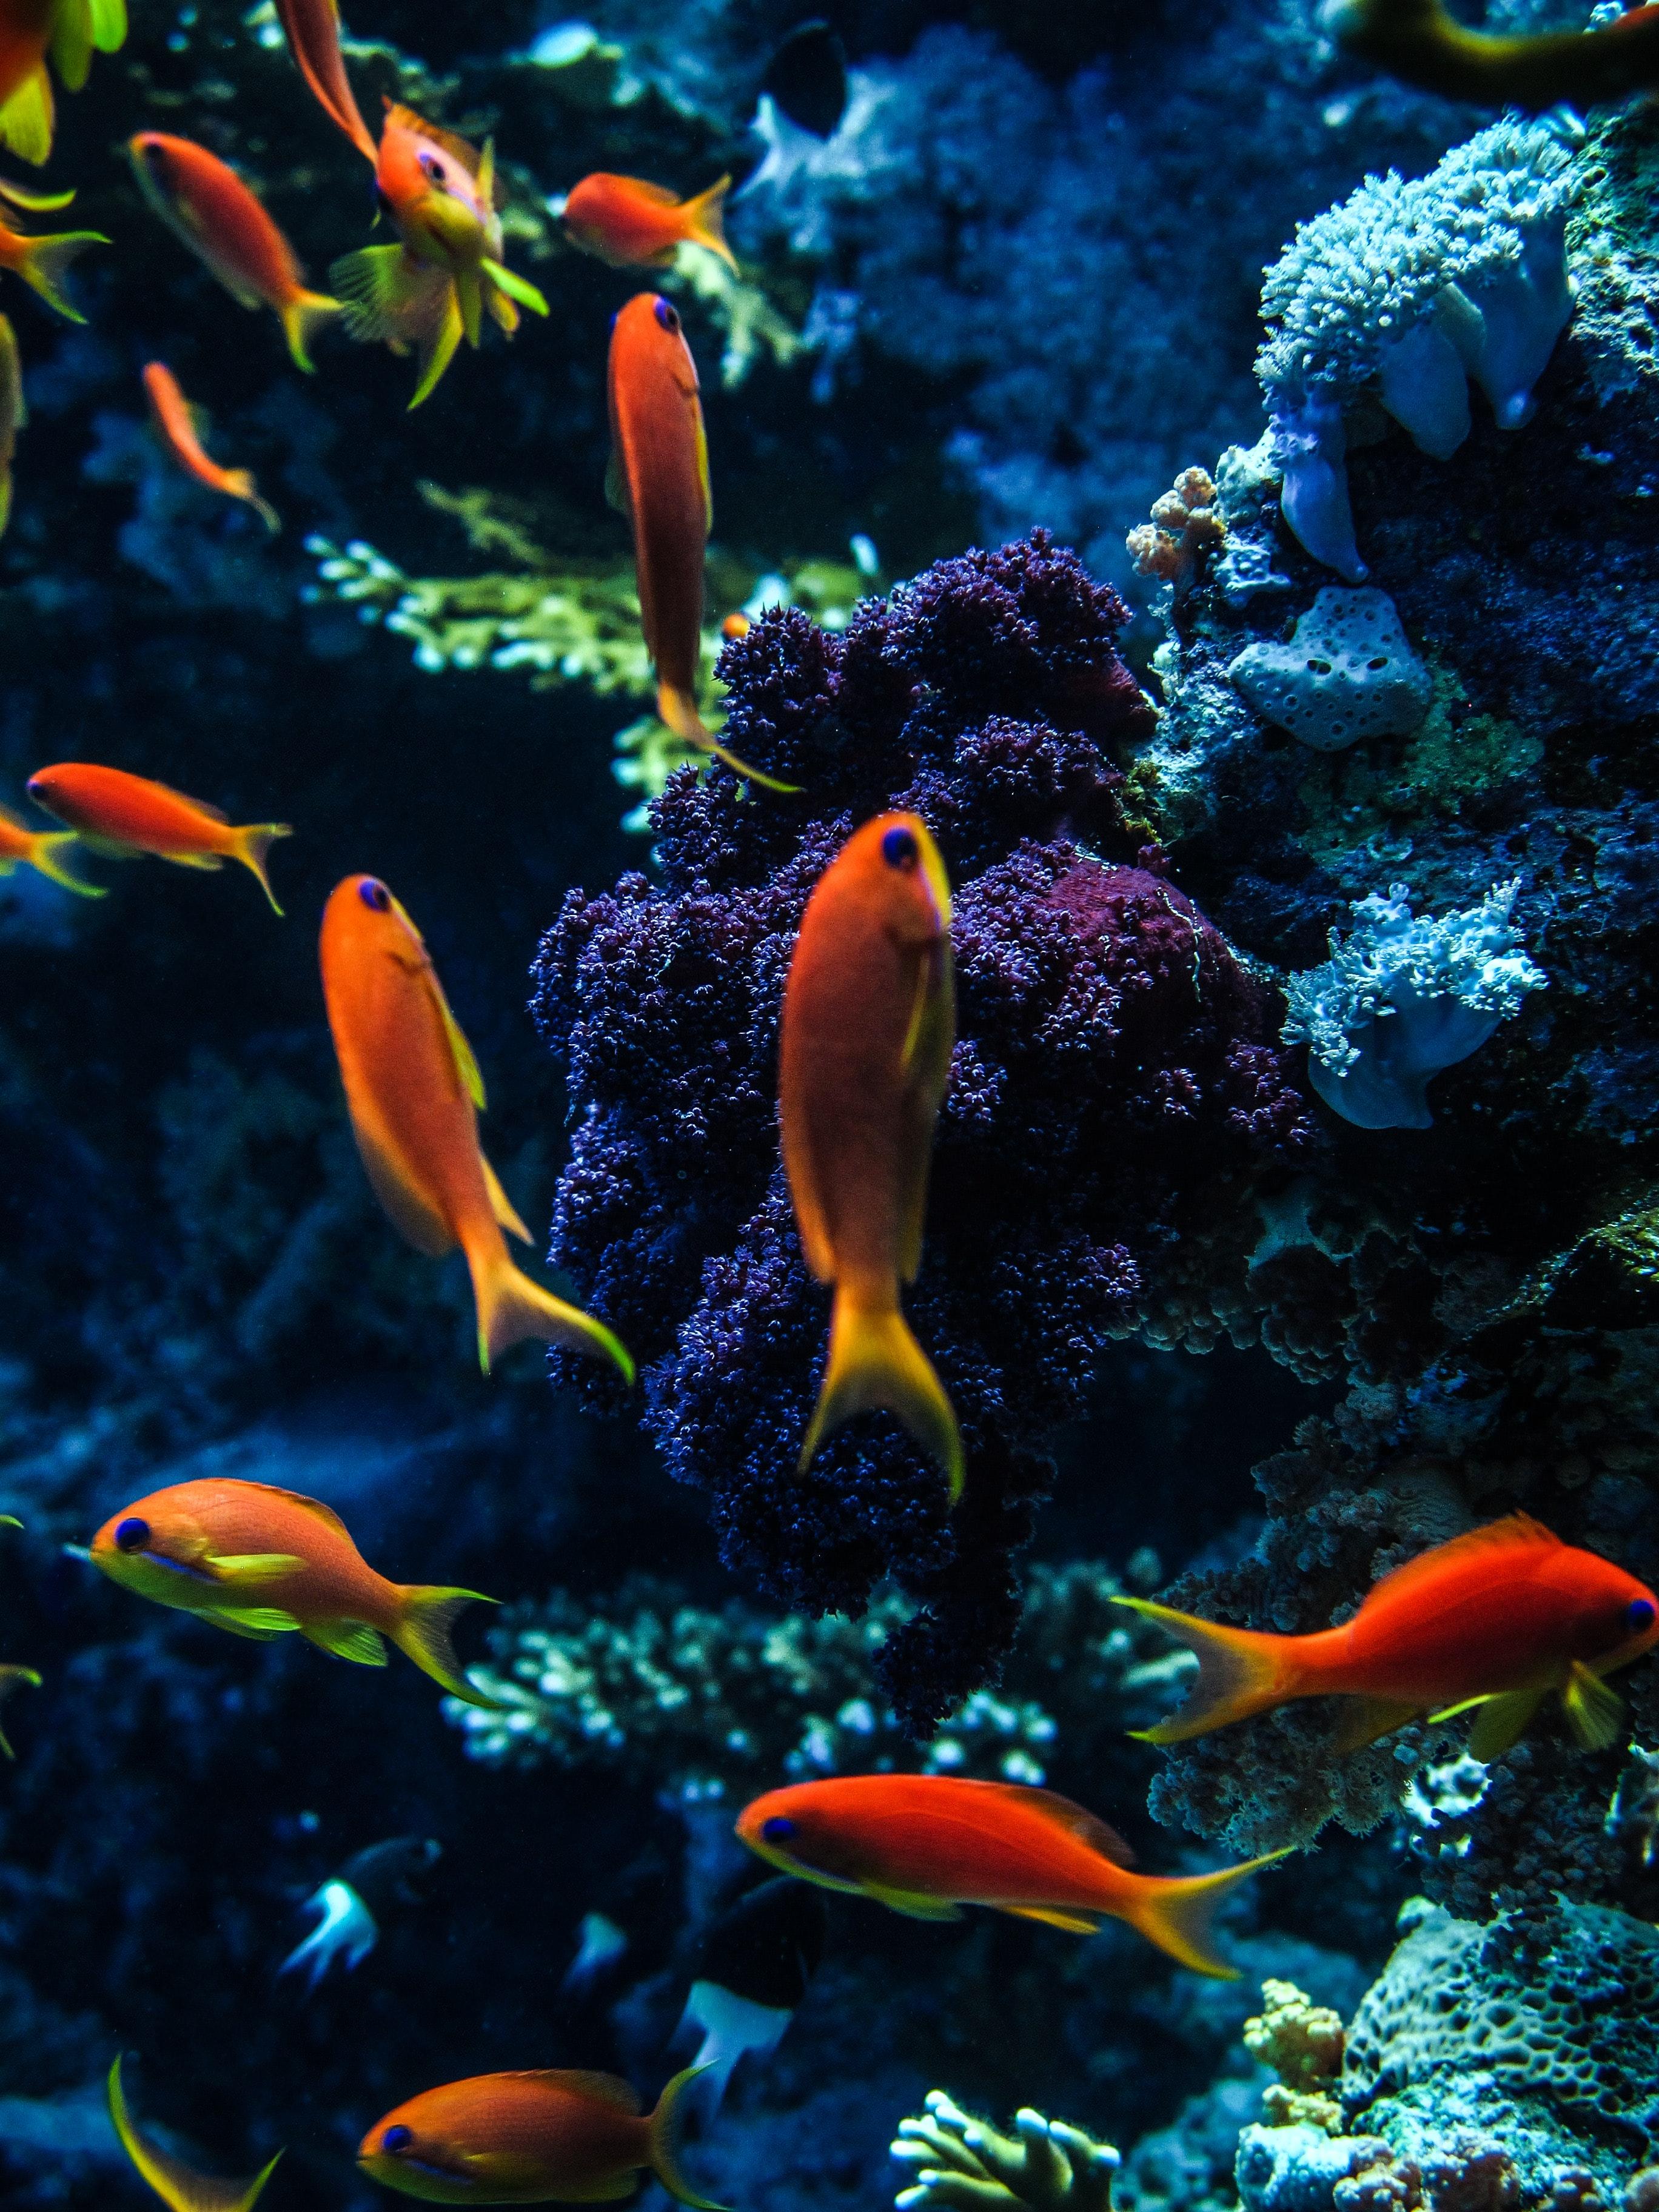 121943 Заставки и Обои Рыбы на телефон. Скачать Рыбы, Животные, Вода, Кораллы, Аквариум картинки бесплатно